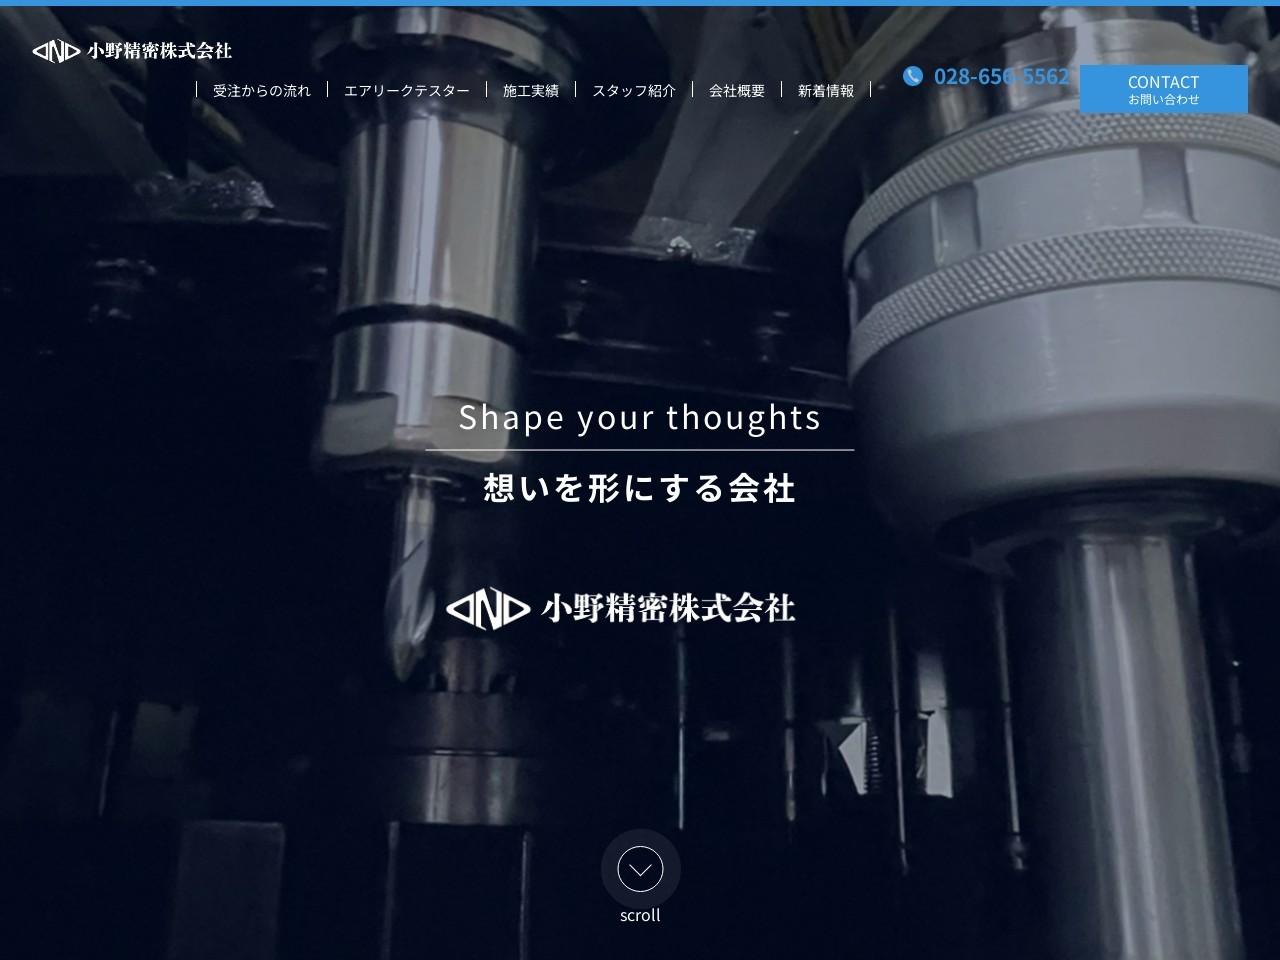 小野精密株式会社